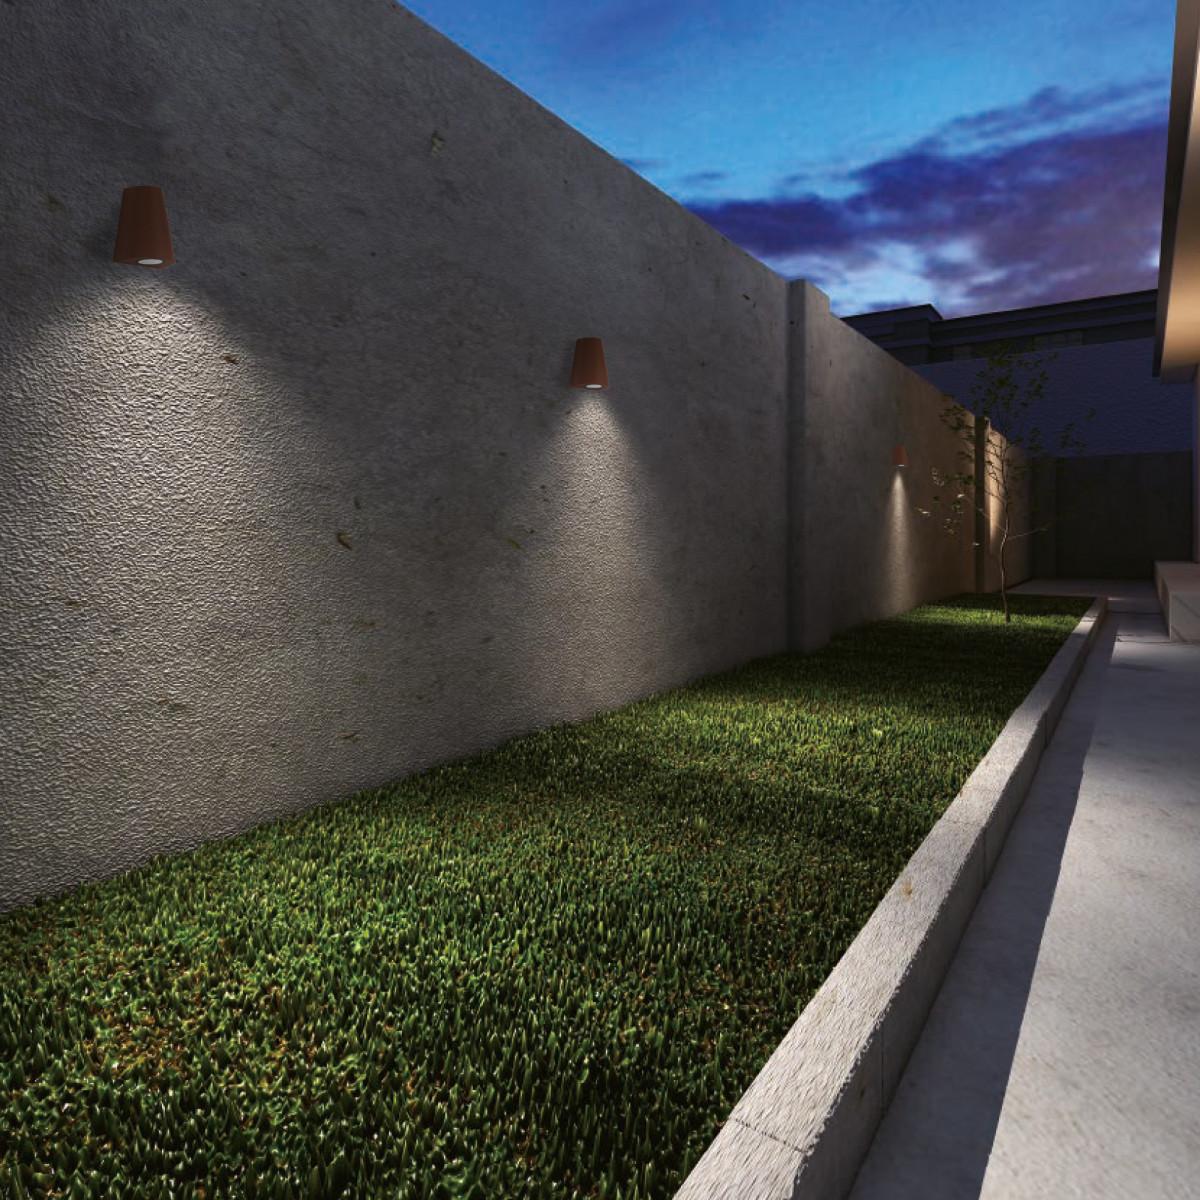 Wandspot Cone downlighter zwart, moderne wandverlichting voor buiten, buitenverlichting van KS Verlichting, conisch vormgegeven gevelspot